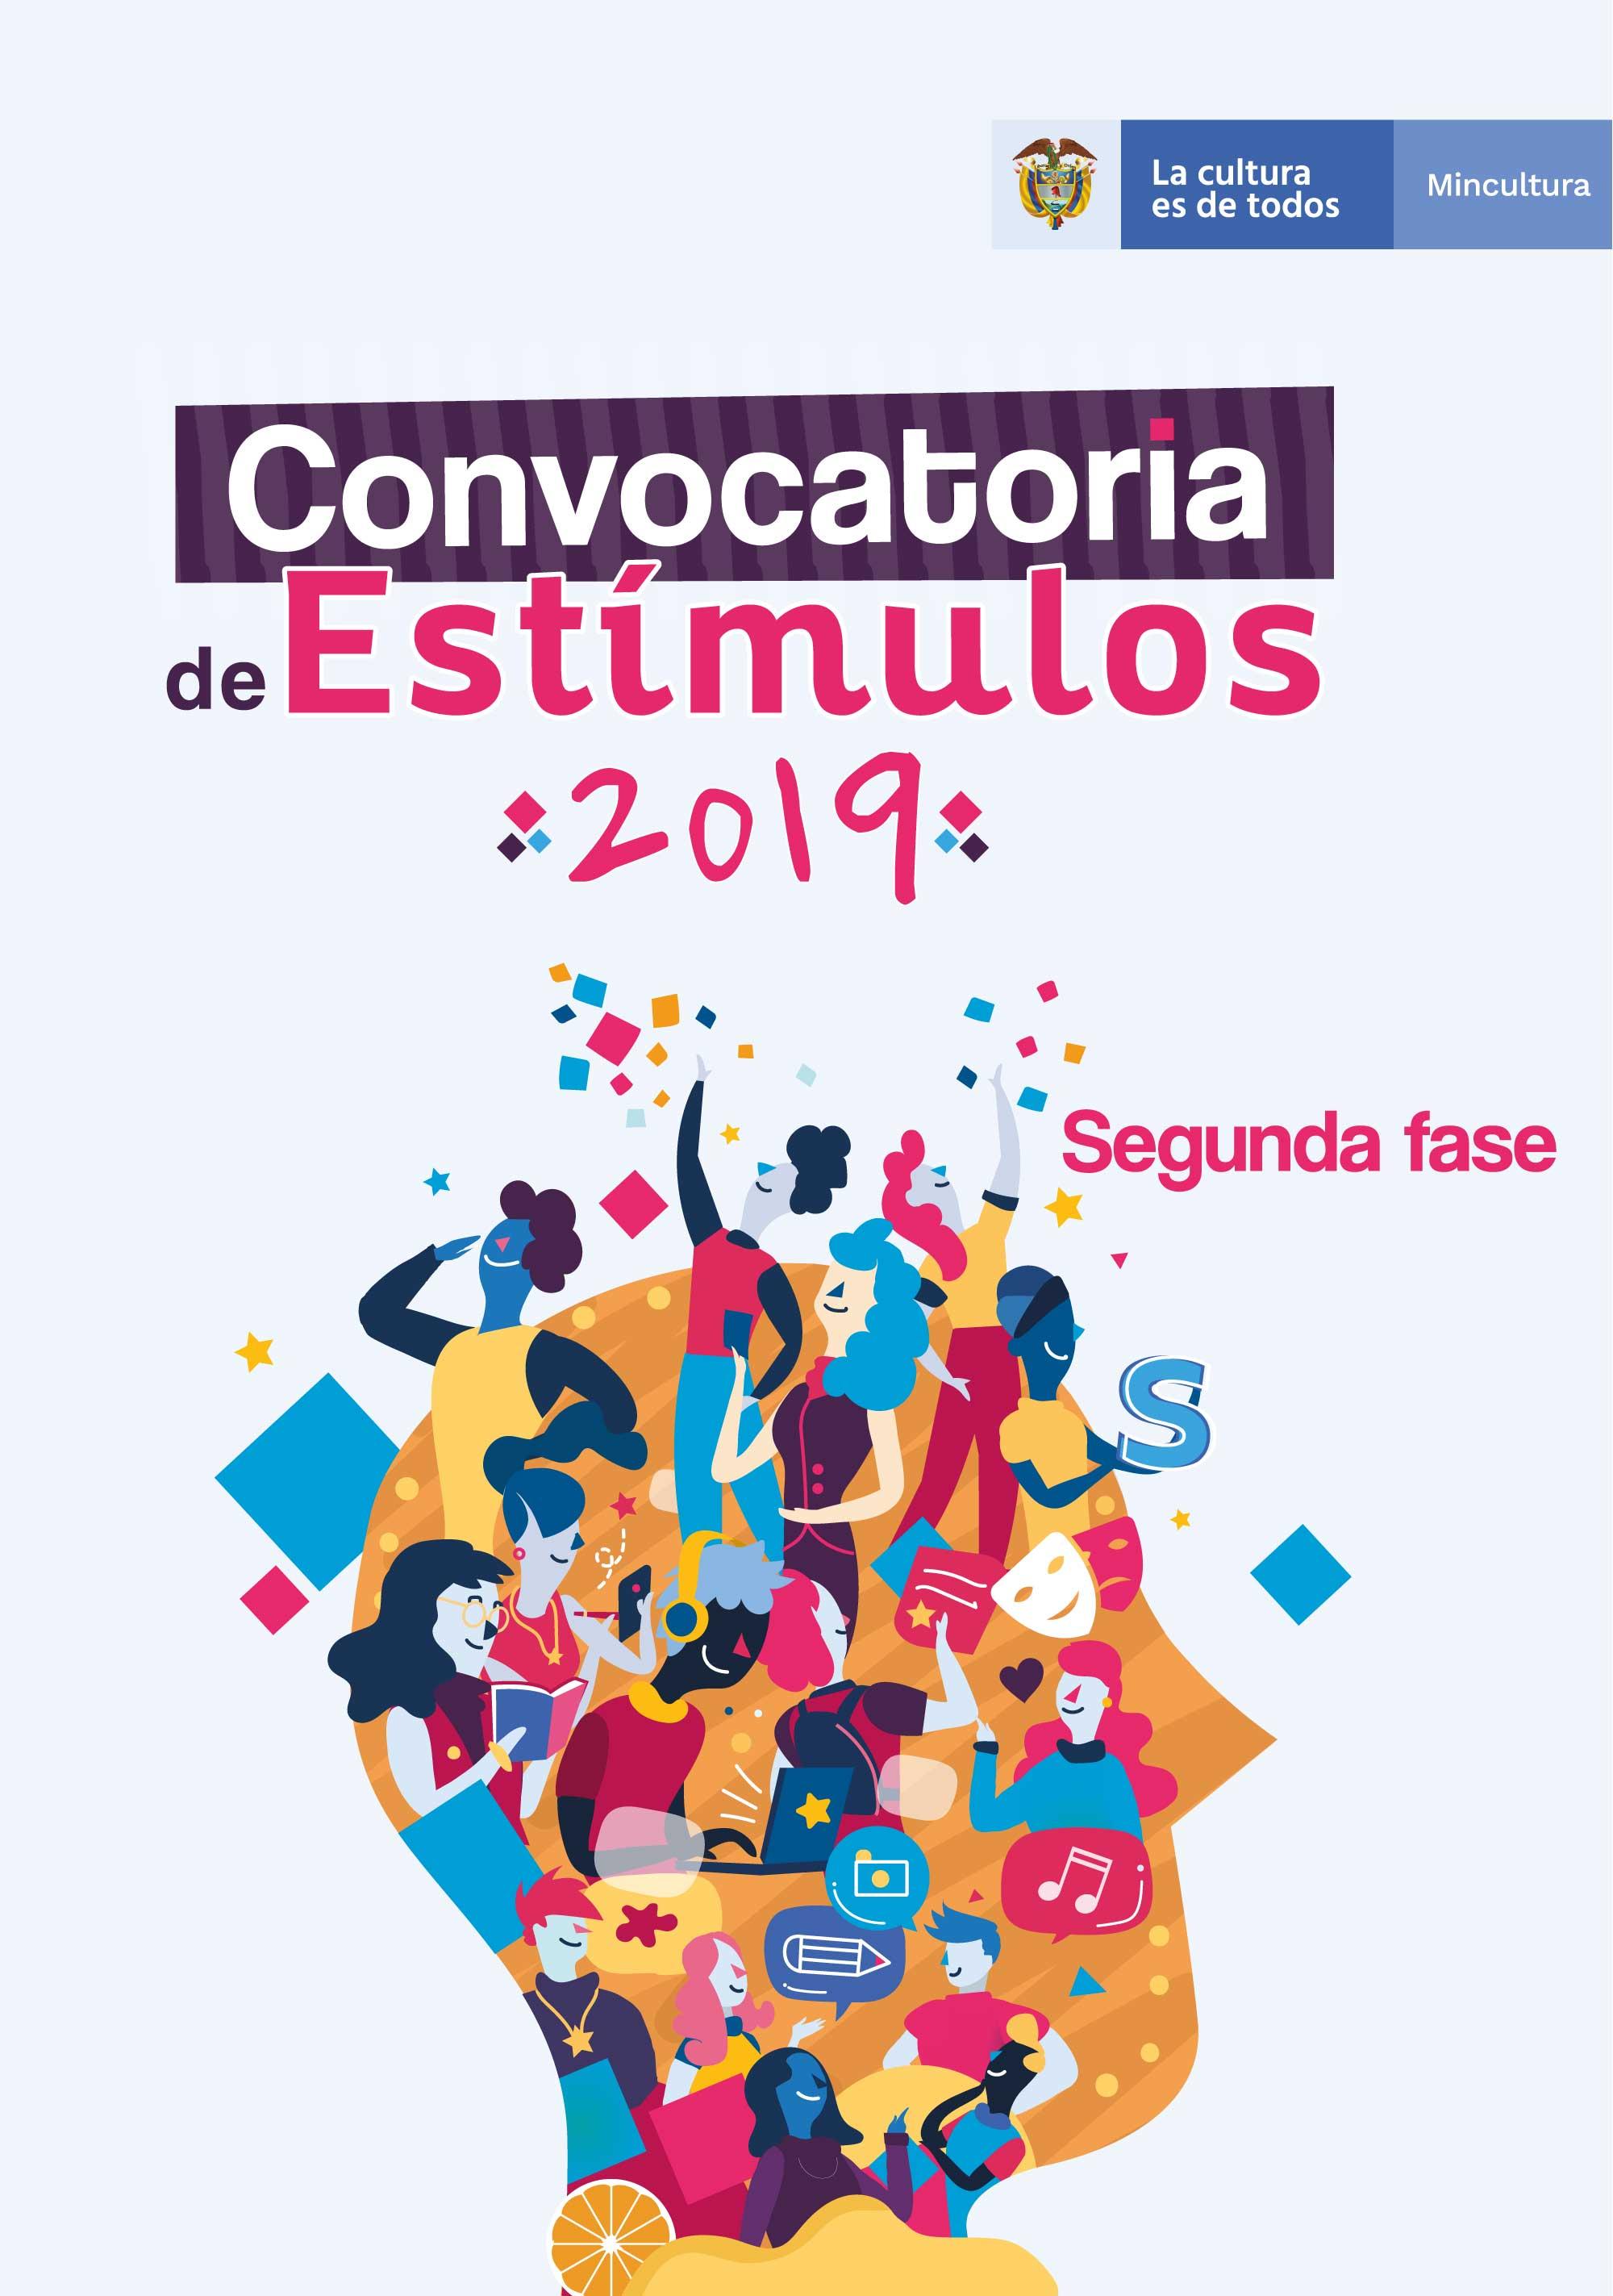 Convocatorias de Estímulos 2019 – Segunda Fase del Ministerio de Cultura